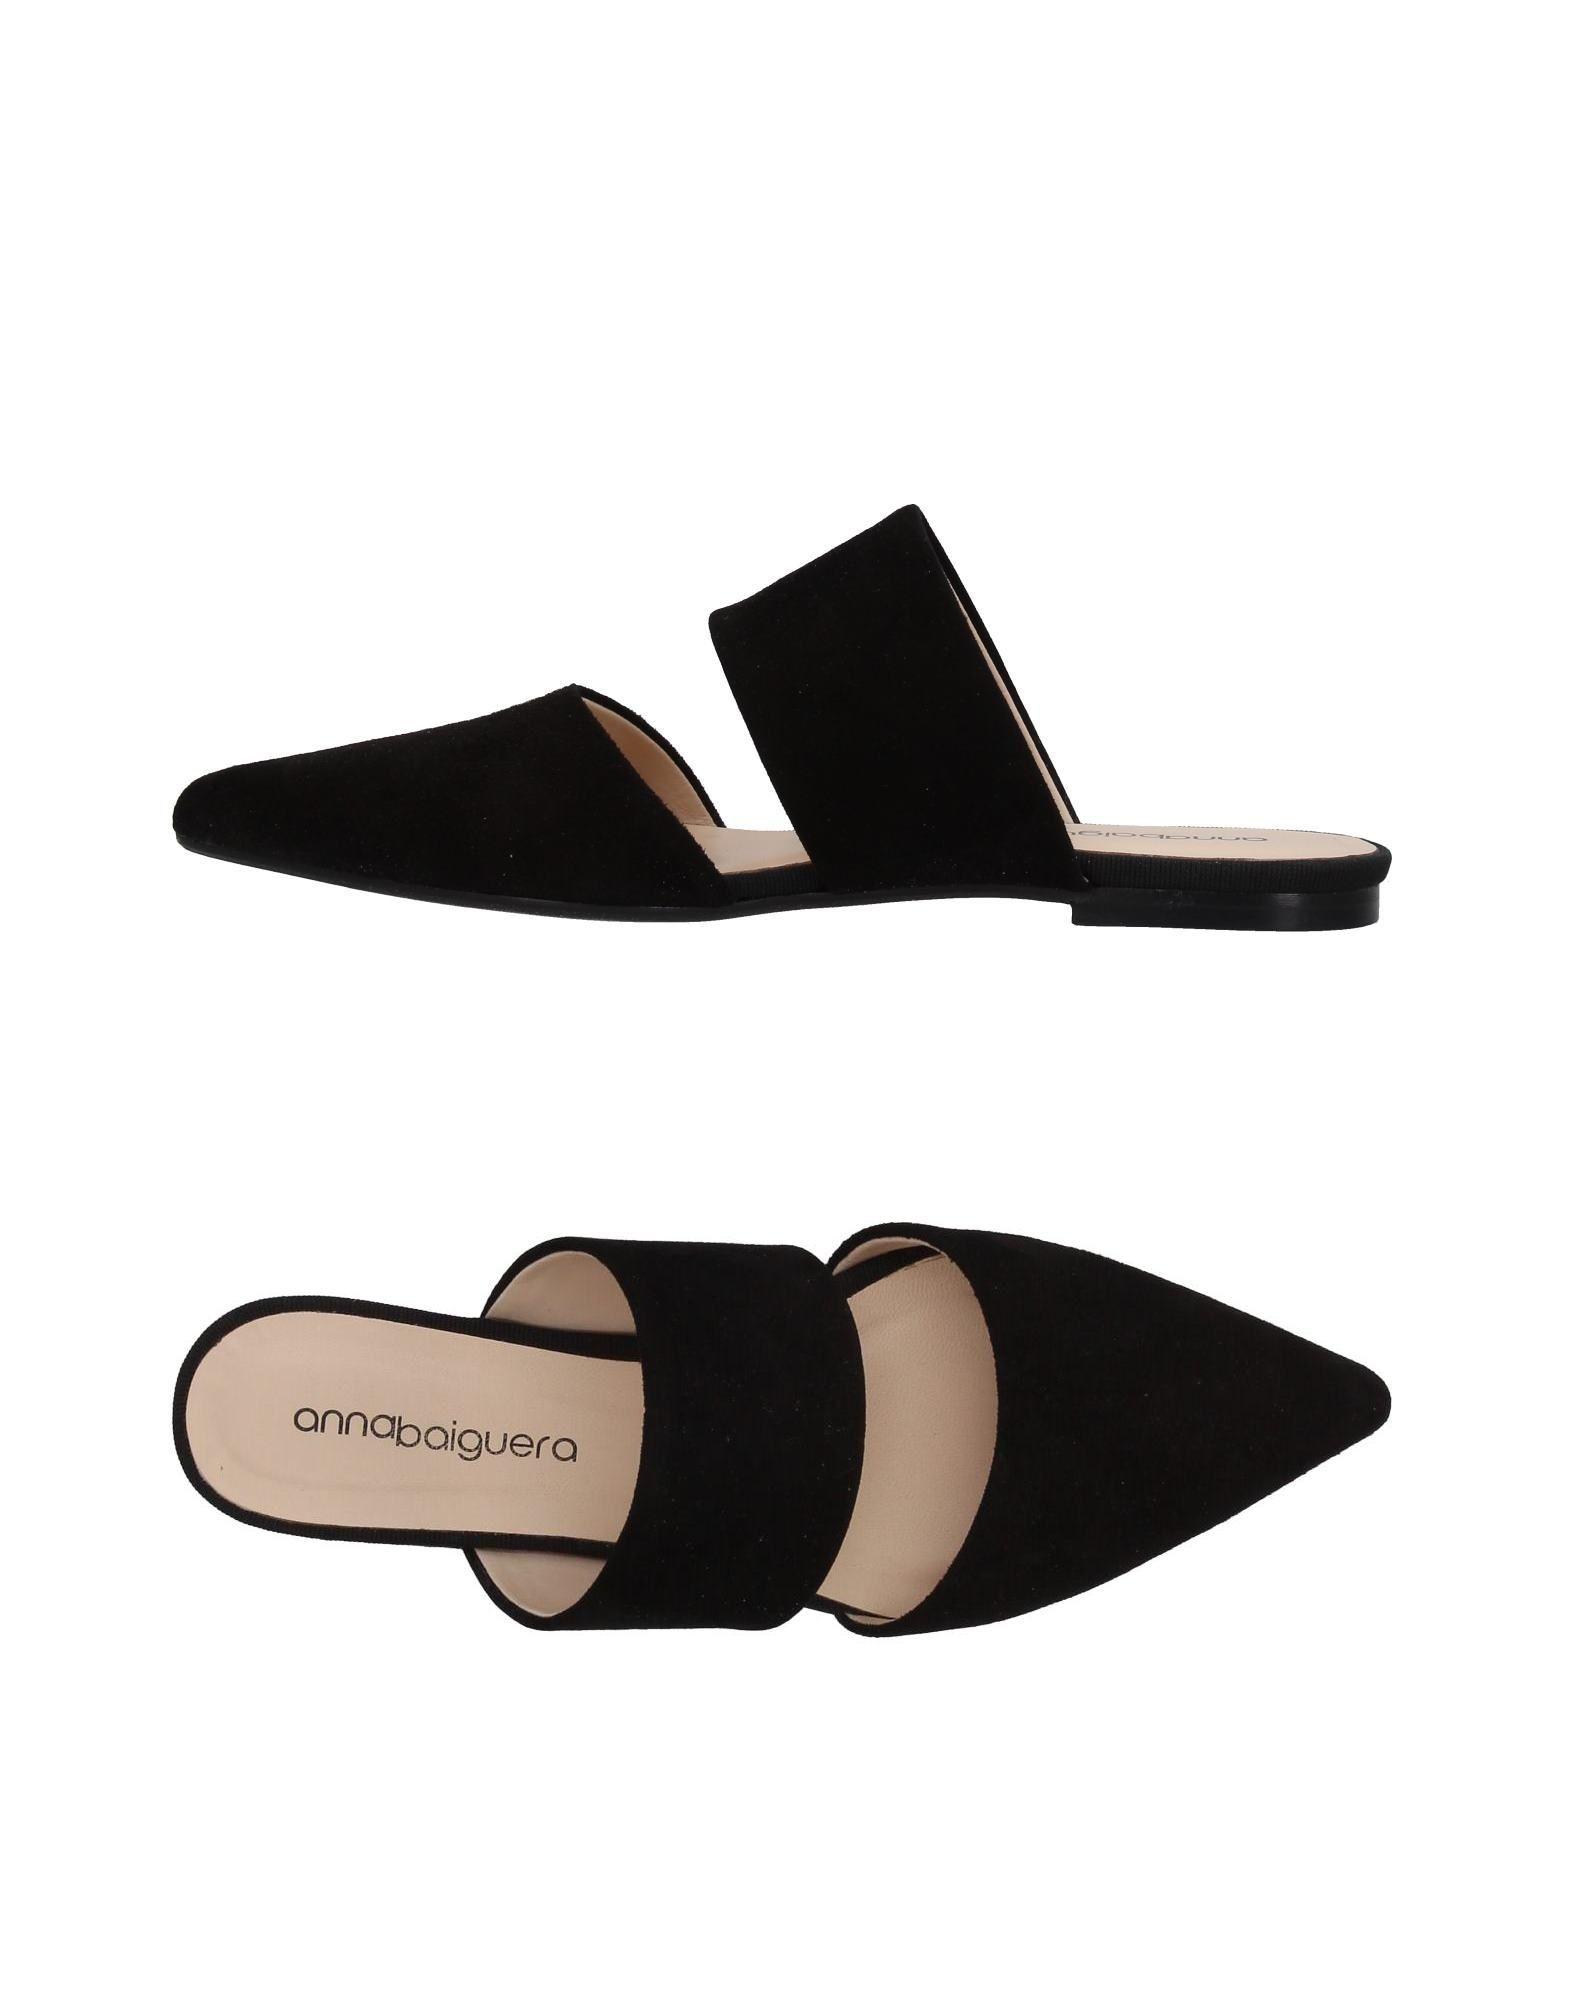 Anna Baiguera Pantoletten Damen  11379274CF Gute Qualität beliebte Schuhe